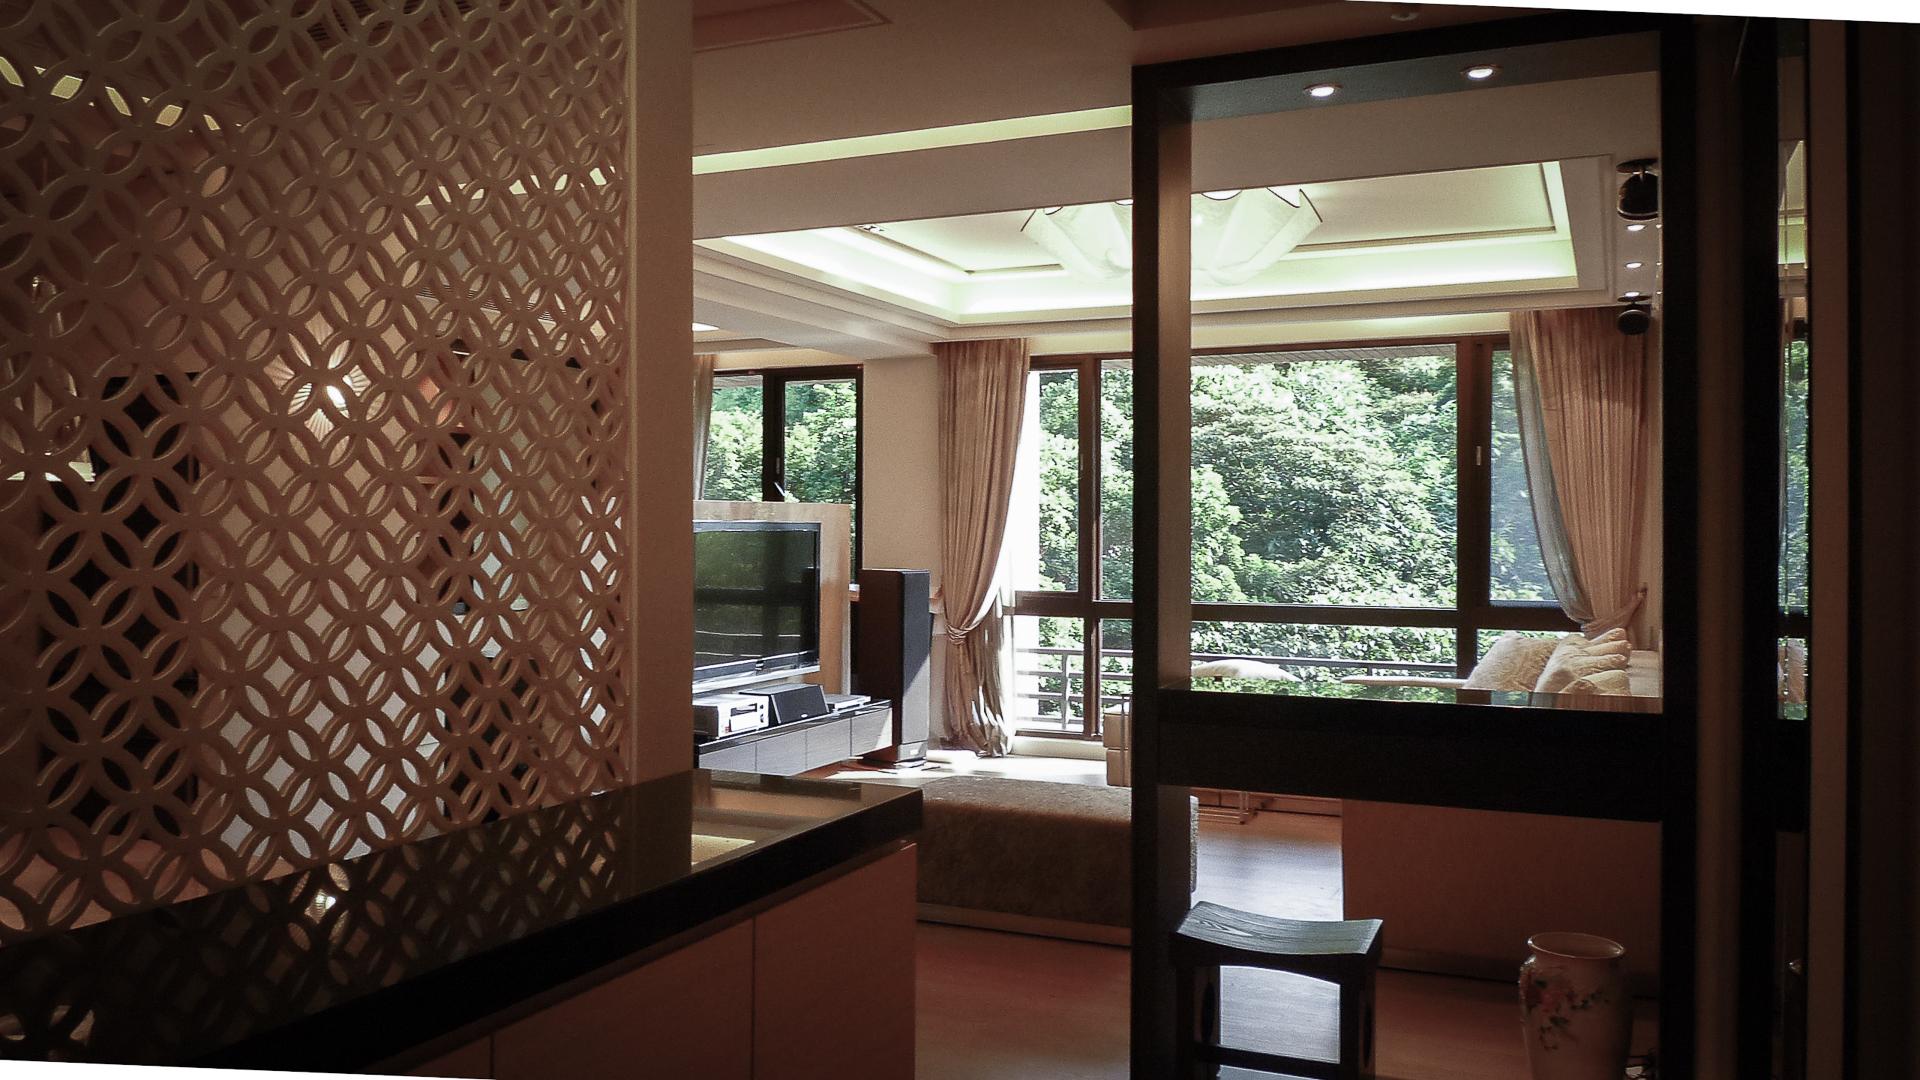 0001_室內設計師推薦風格北歐自然風Nature style-10